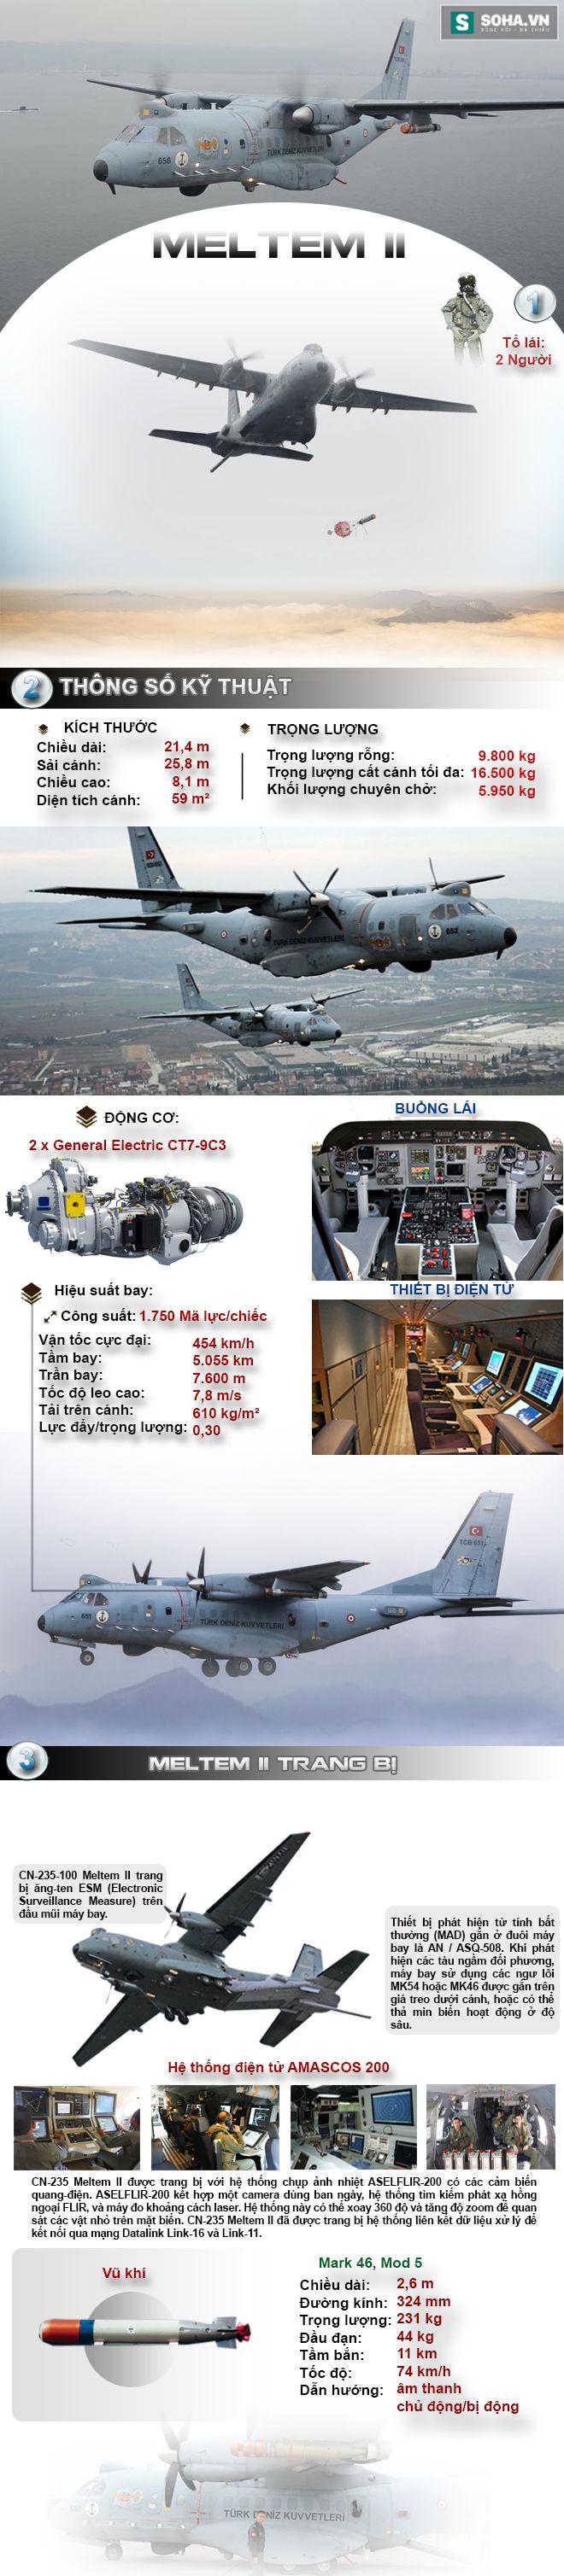 Phương án hoán cải vận tải cơ thành máy bay tuần tra chống ngầm có thể áp dụng trên C-295M - Ảnh 1.